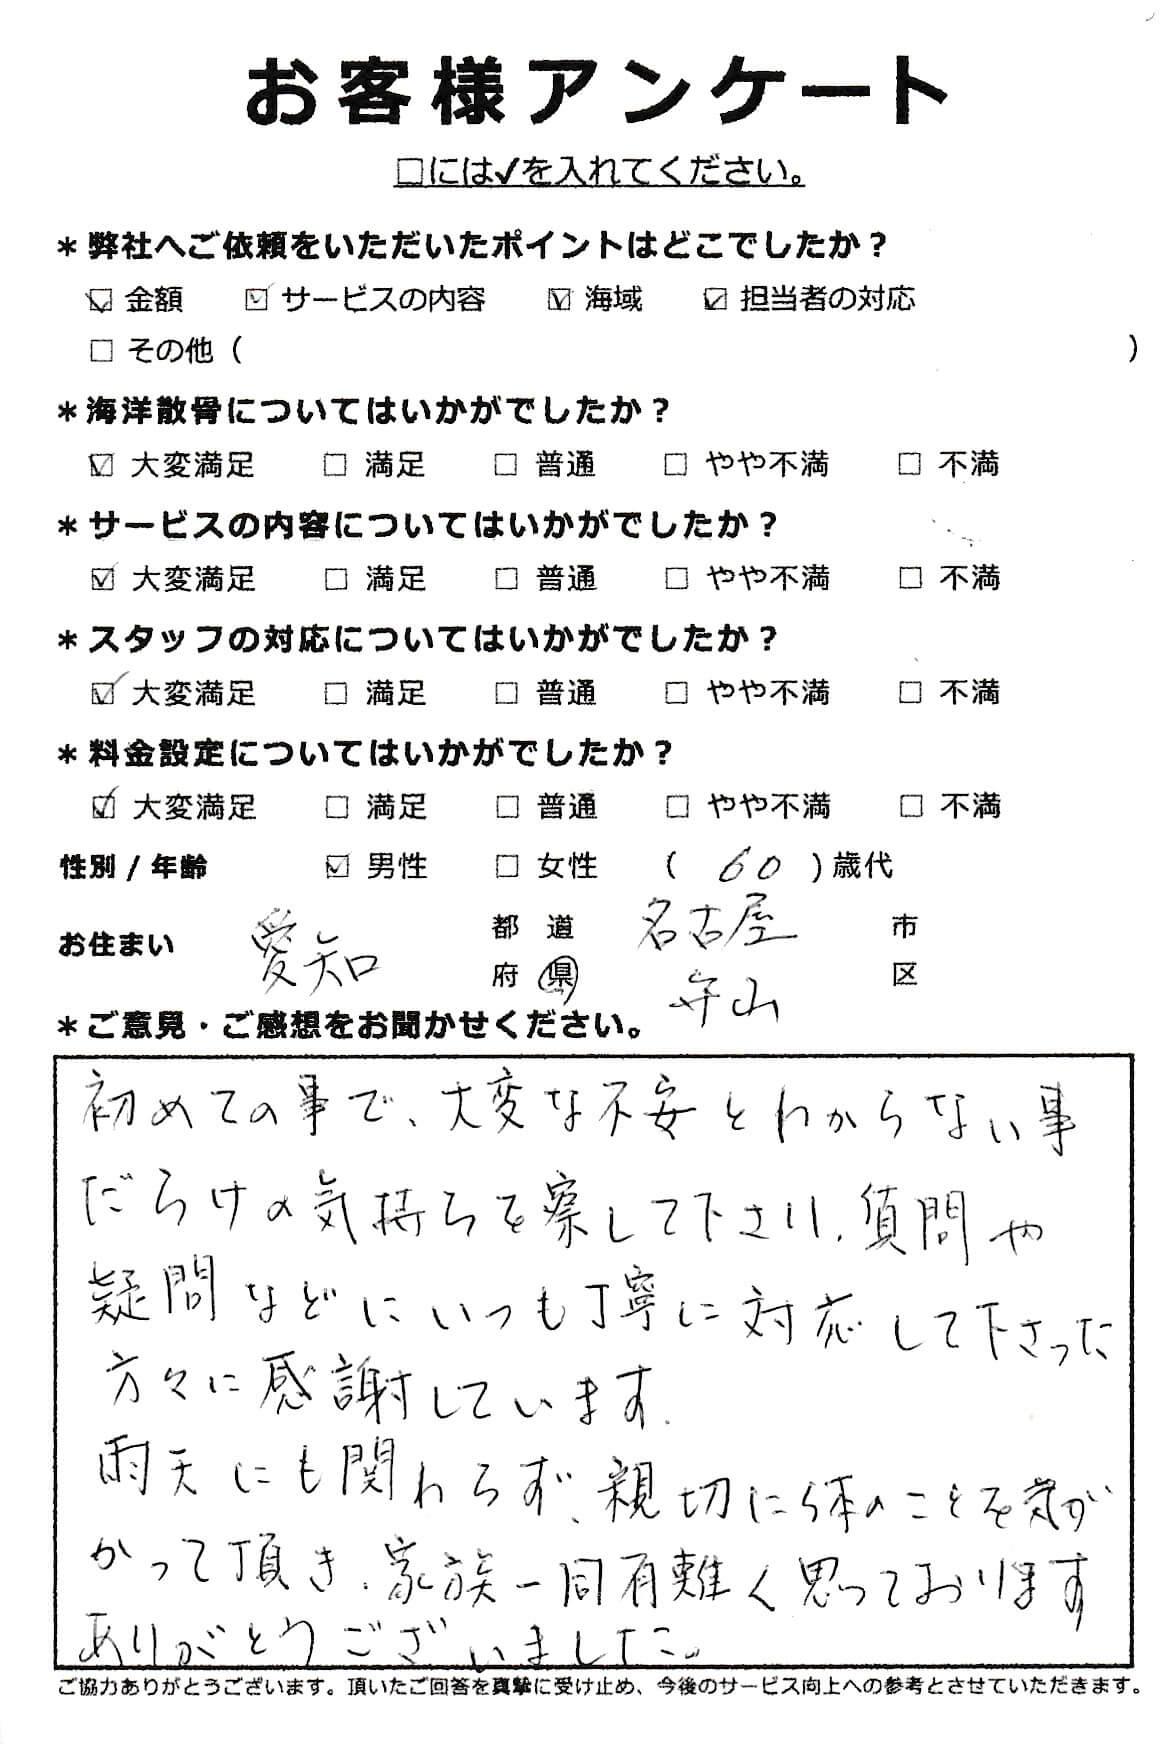 愛知県 名古屋市守山区 60代男性 貸切乗船散骨